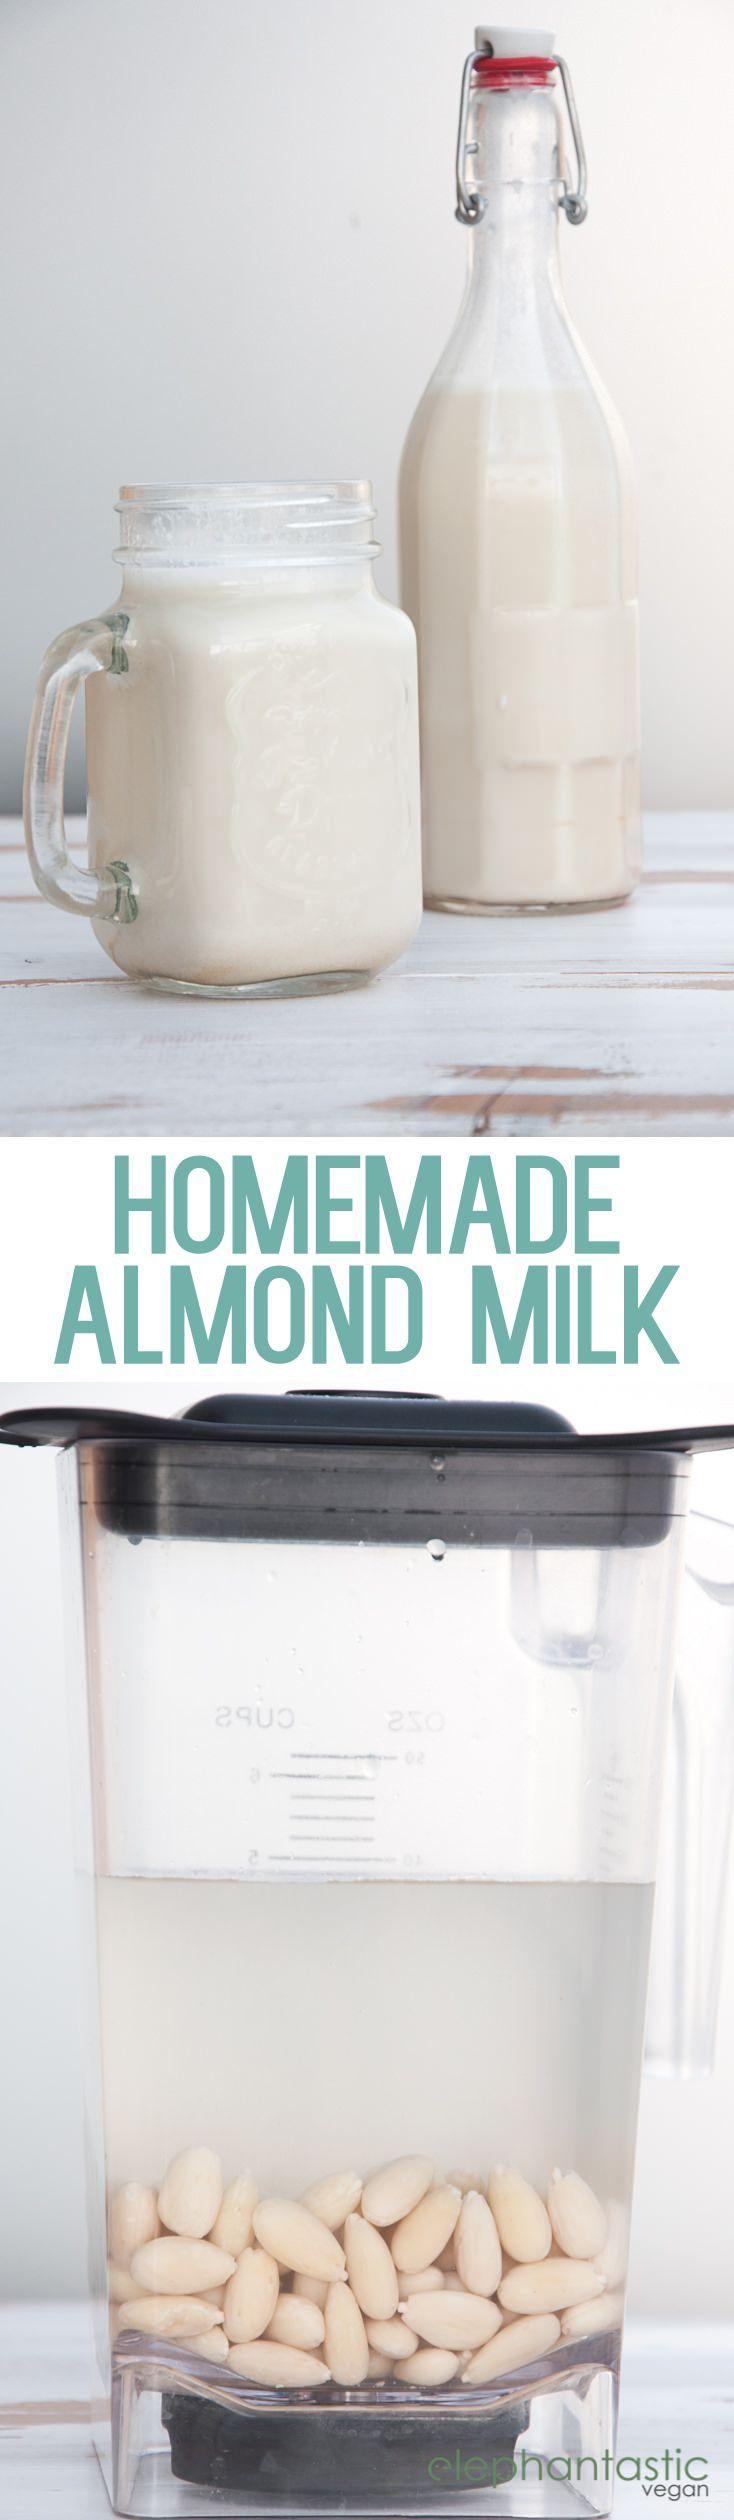 Homemade Almond Milk  ElephantasticVegan.com